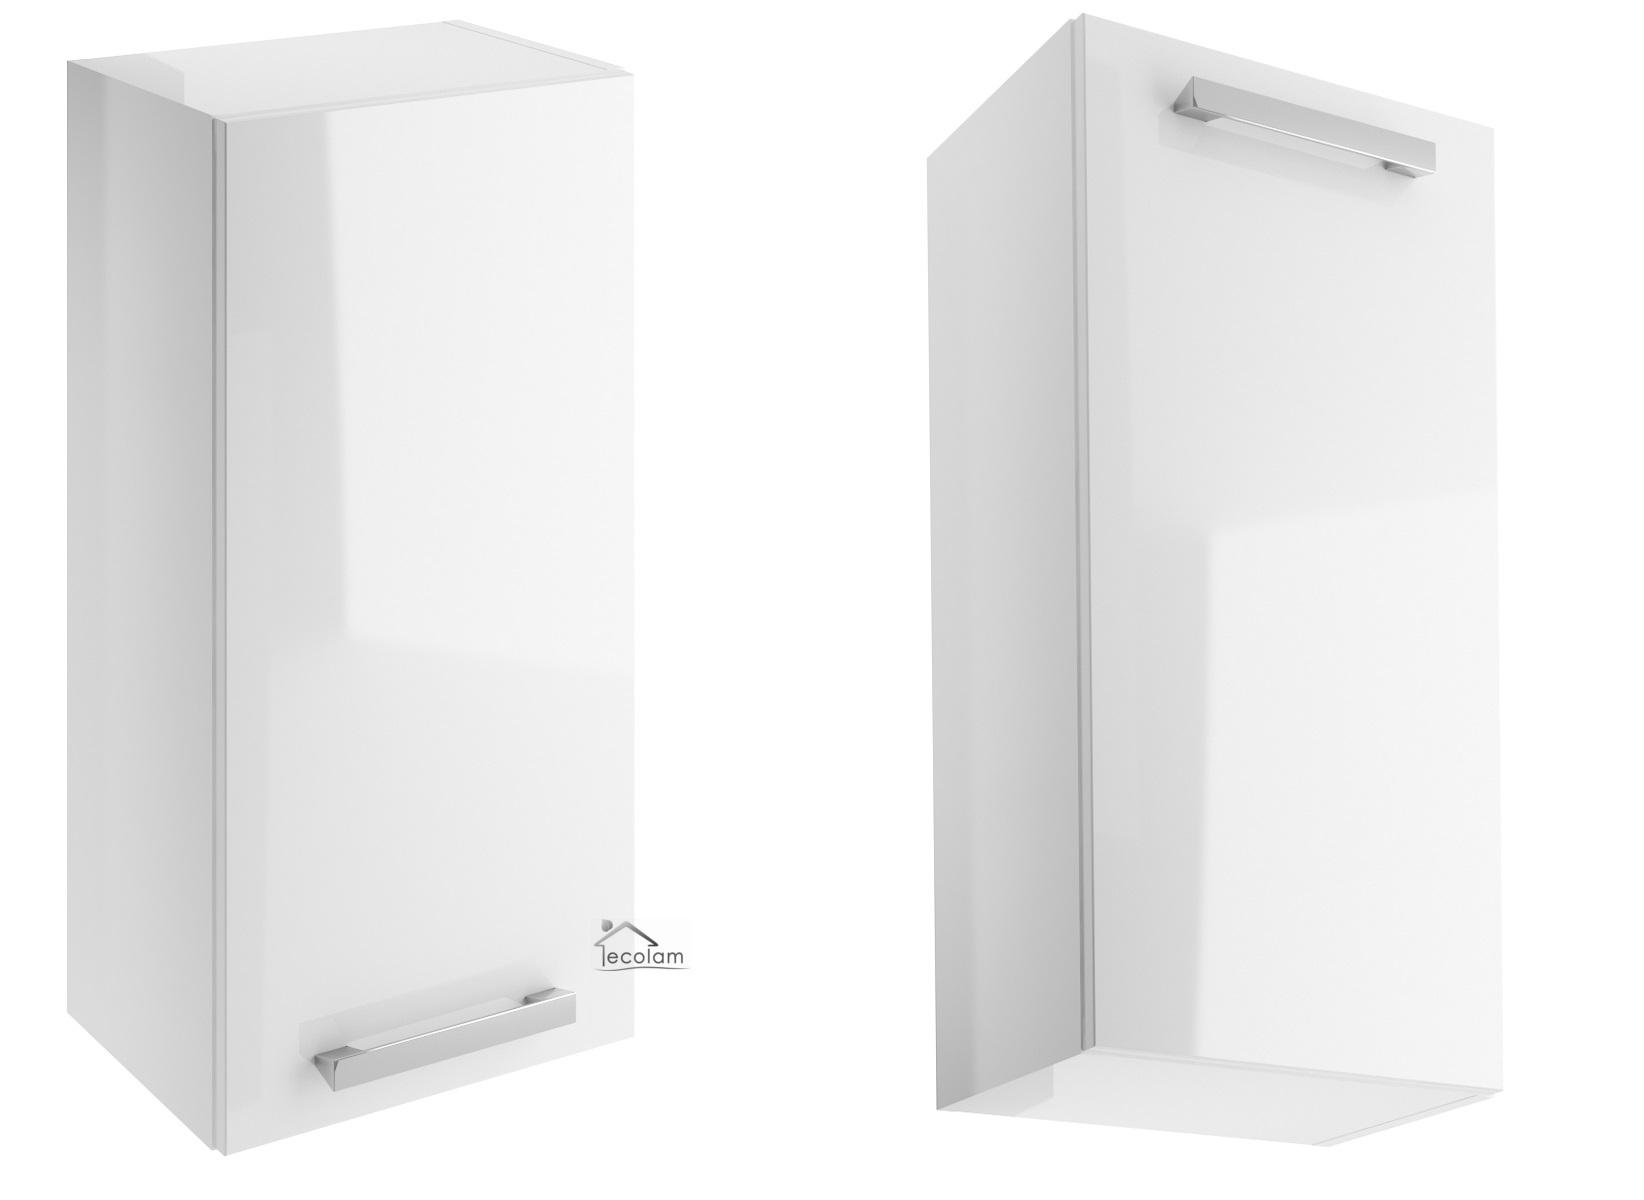 badm bel set 3 schr nke waschbecken 55 cm h ngend schubladen unterschrank m c ebay. Black Bedroom Furniture Sets. Home Design Ideas